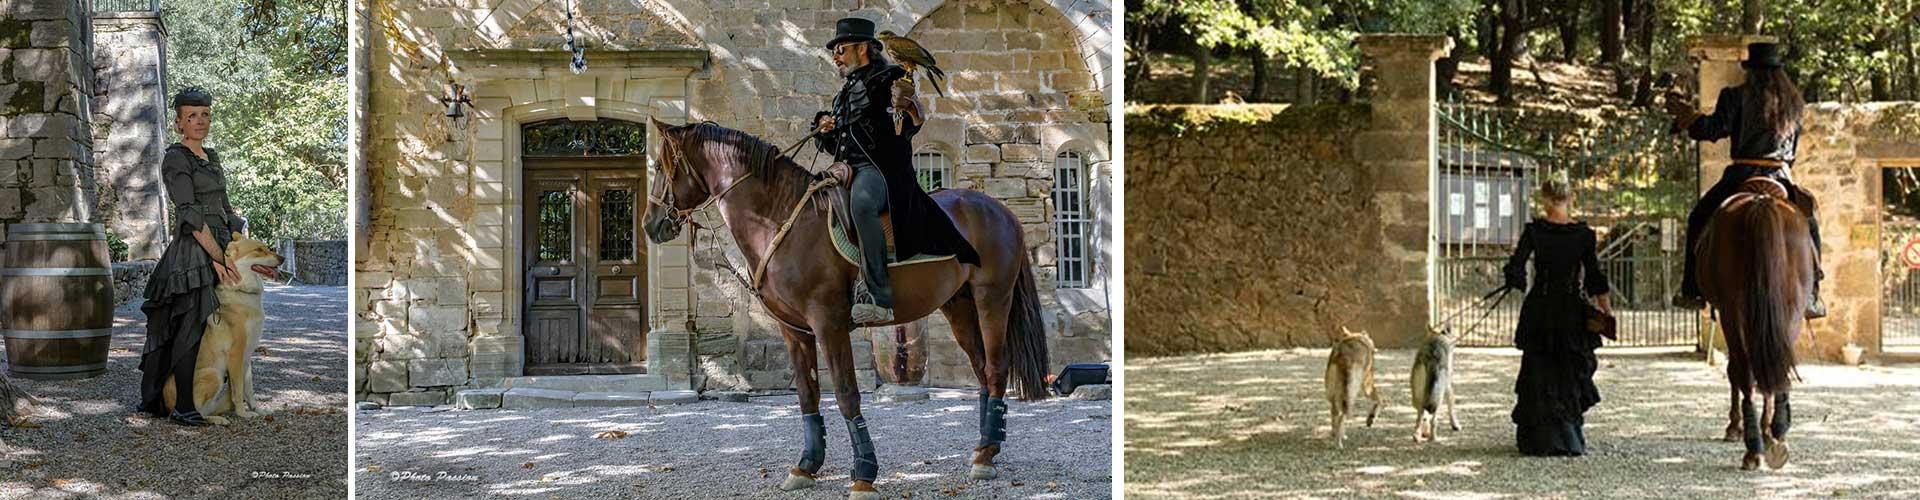 Le cheval et l'art, spectacles Fontès